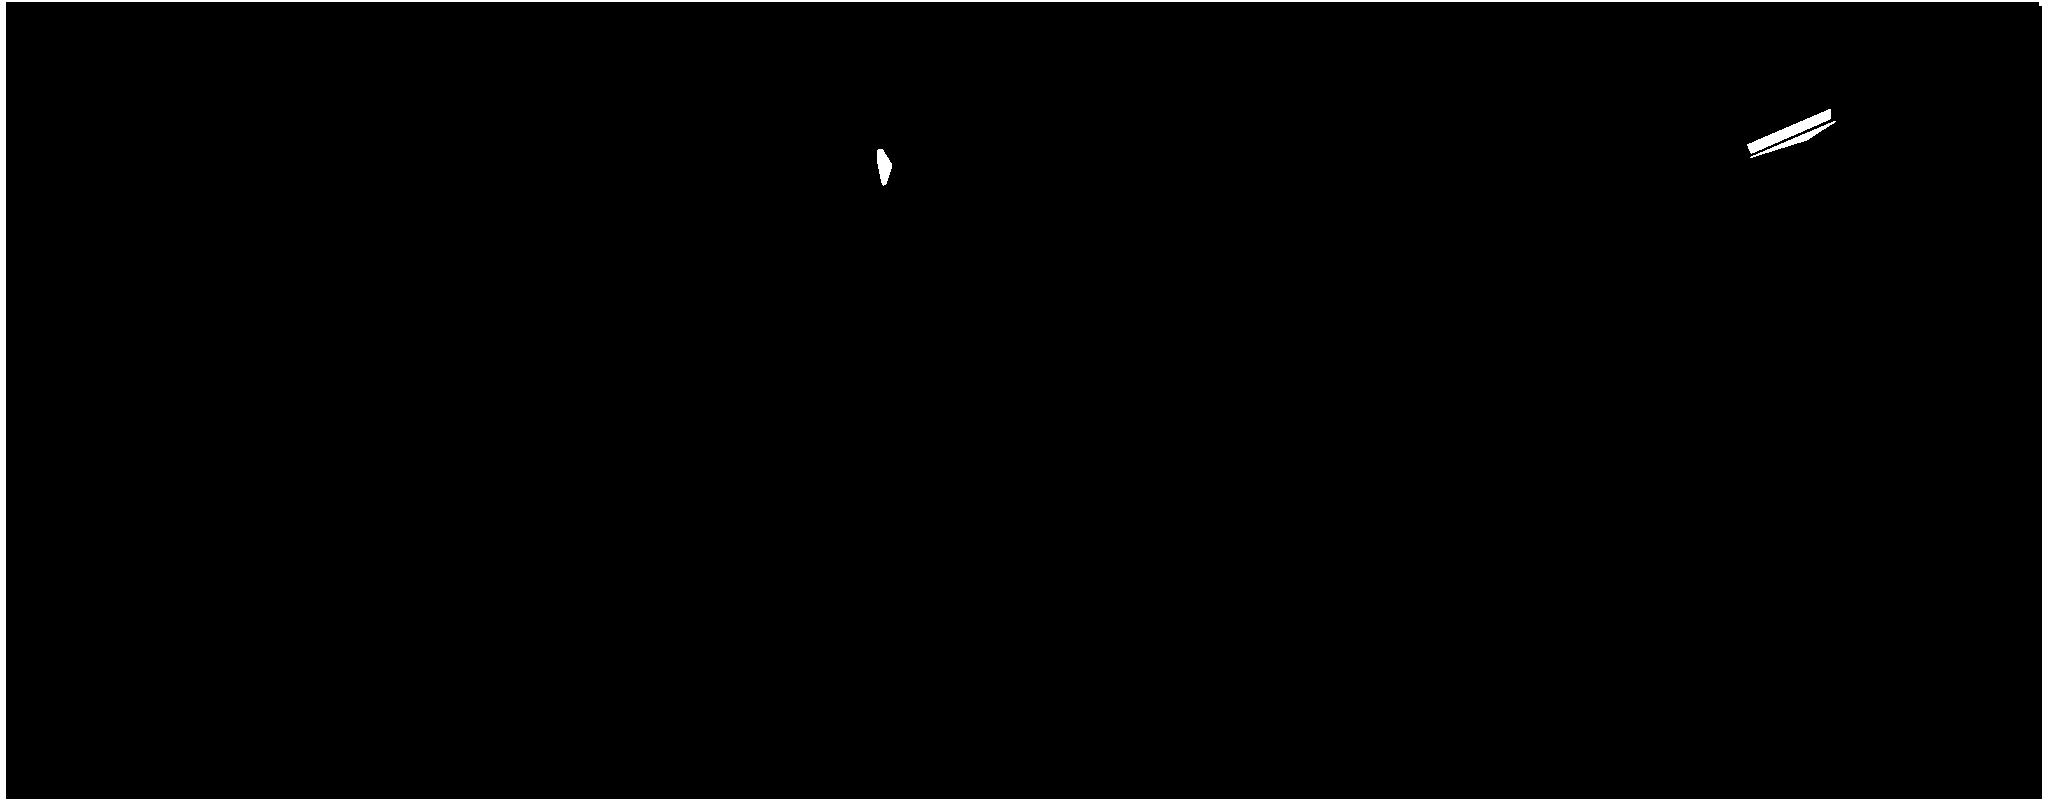 12kuud.net